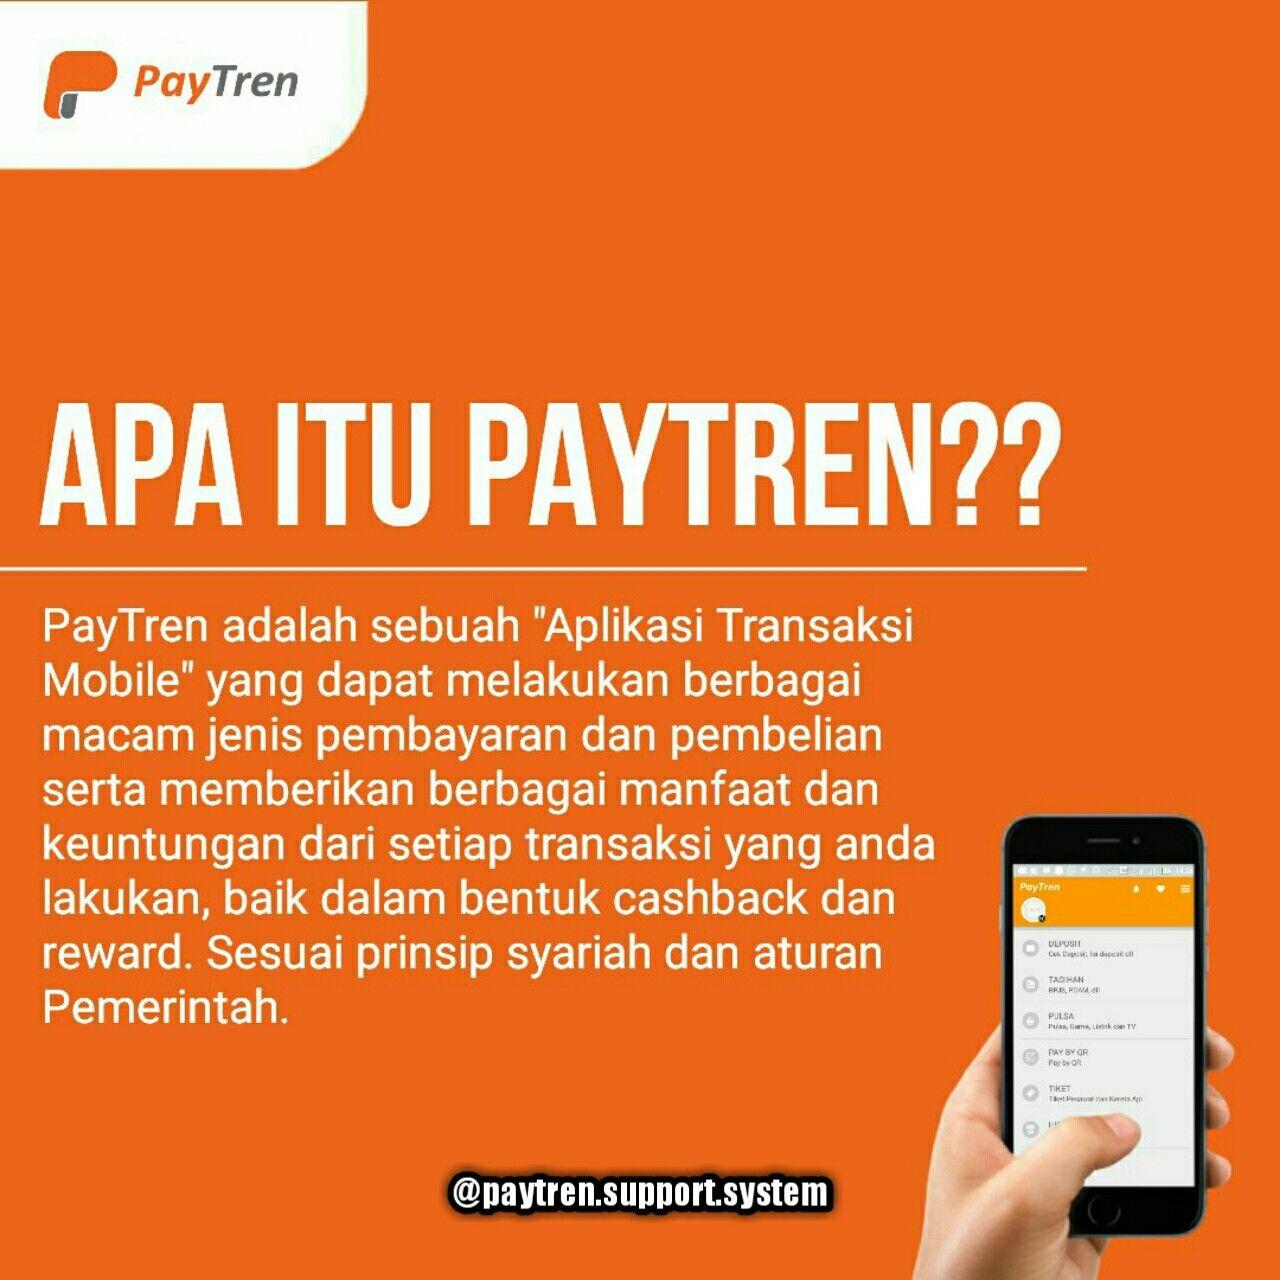 Apa Itu Paytren Pemerintah Jenis Aplikasi